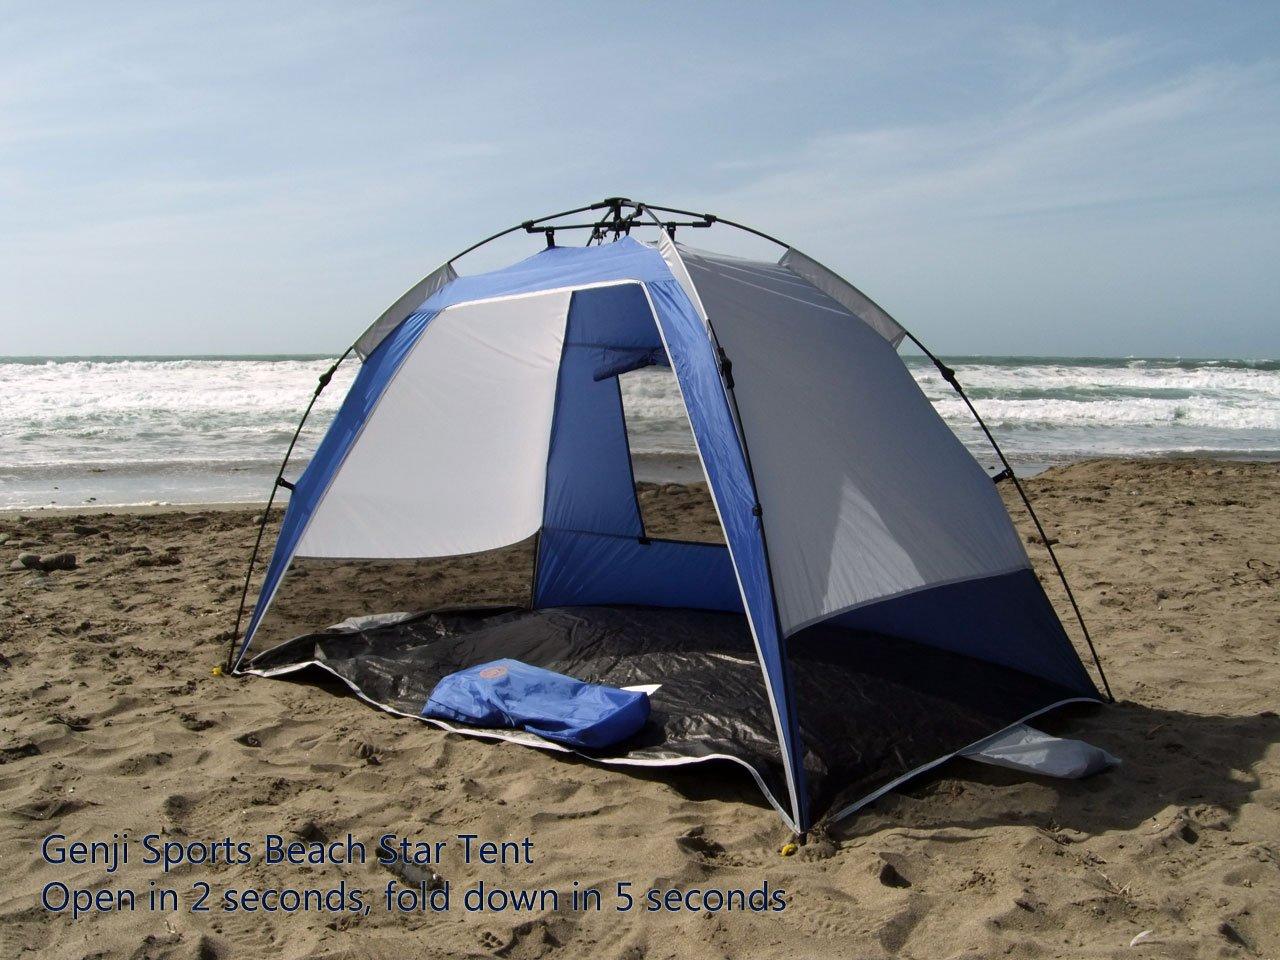 Amazon.com Genji Sports Instant Beach Star Tent Blue Sports u0026 Outdoors & Amazon.com: Genji Sports Instant Beach Star Tent Blue: Sports ...